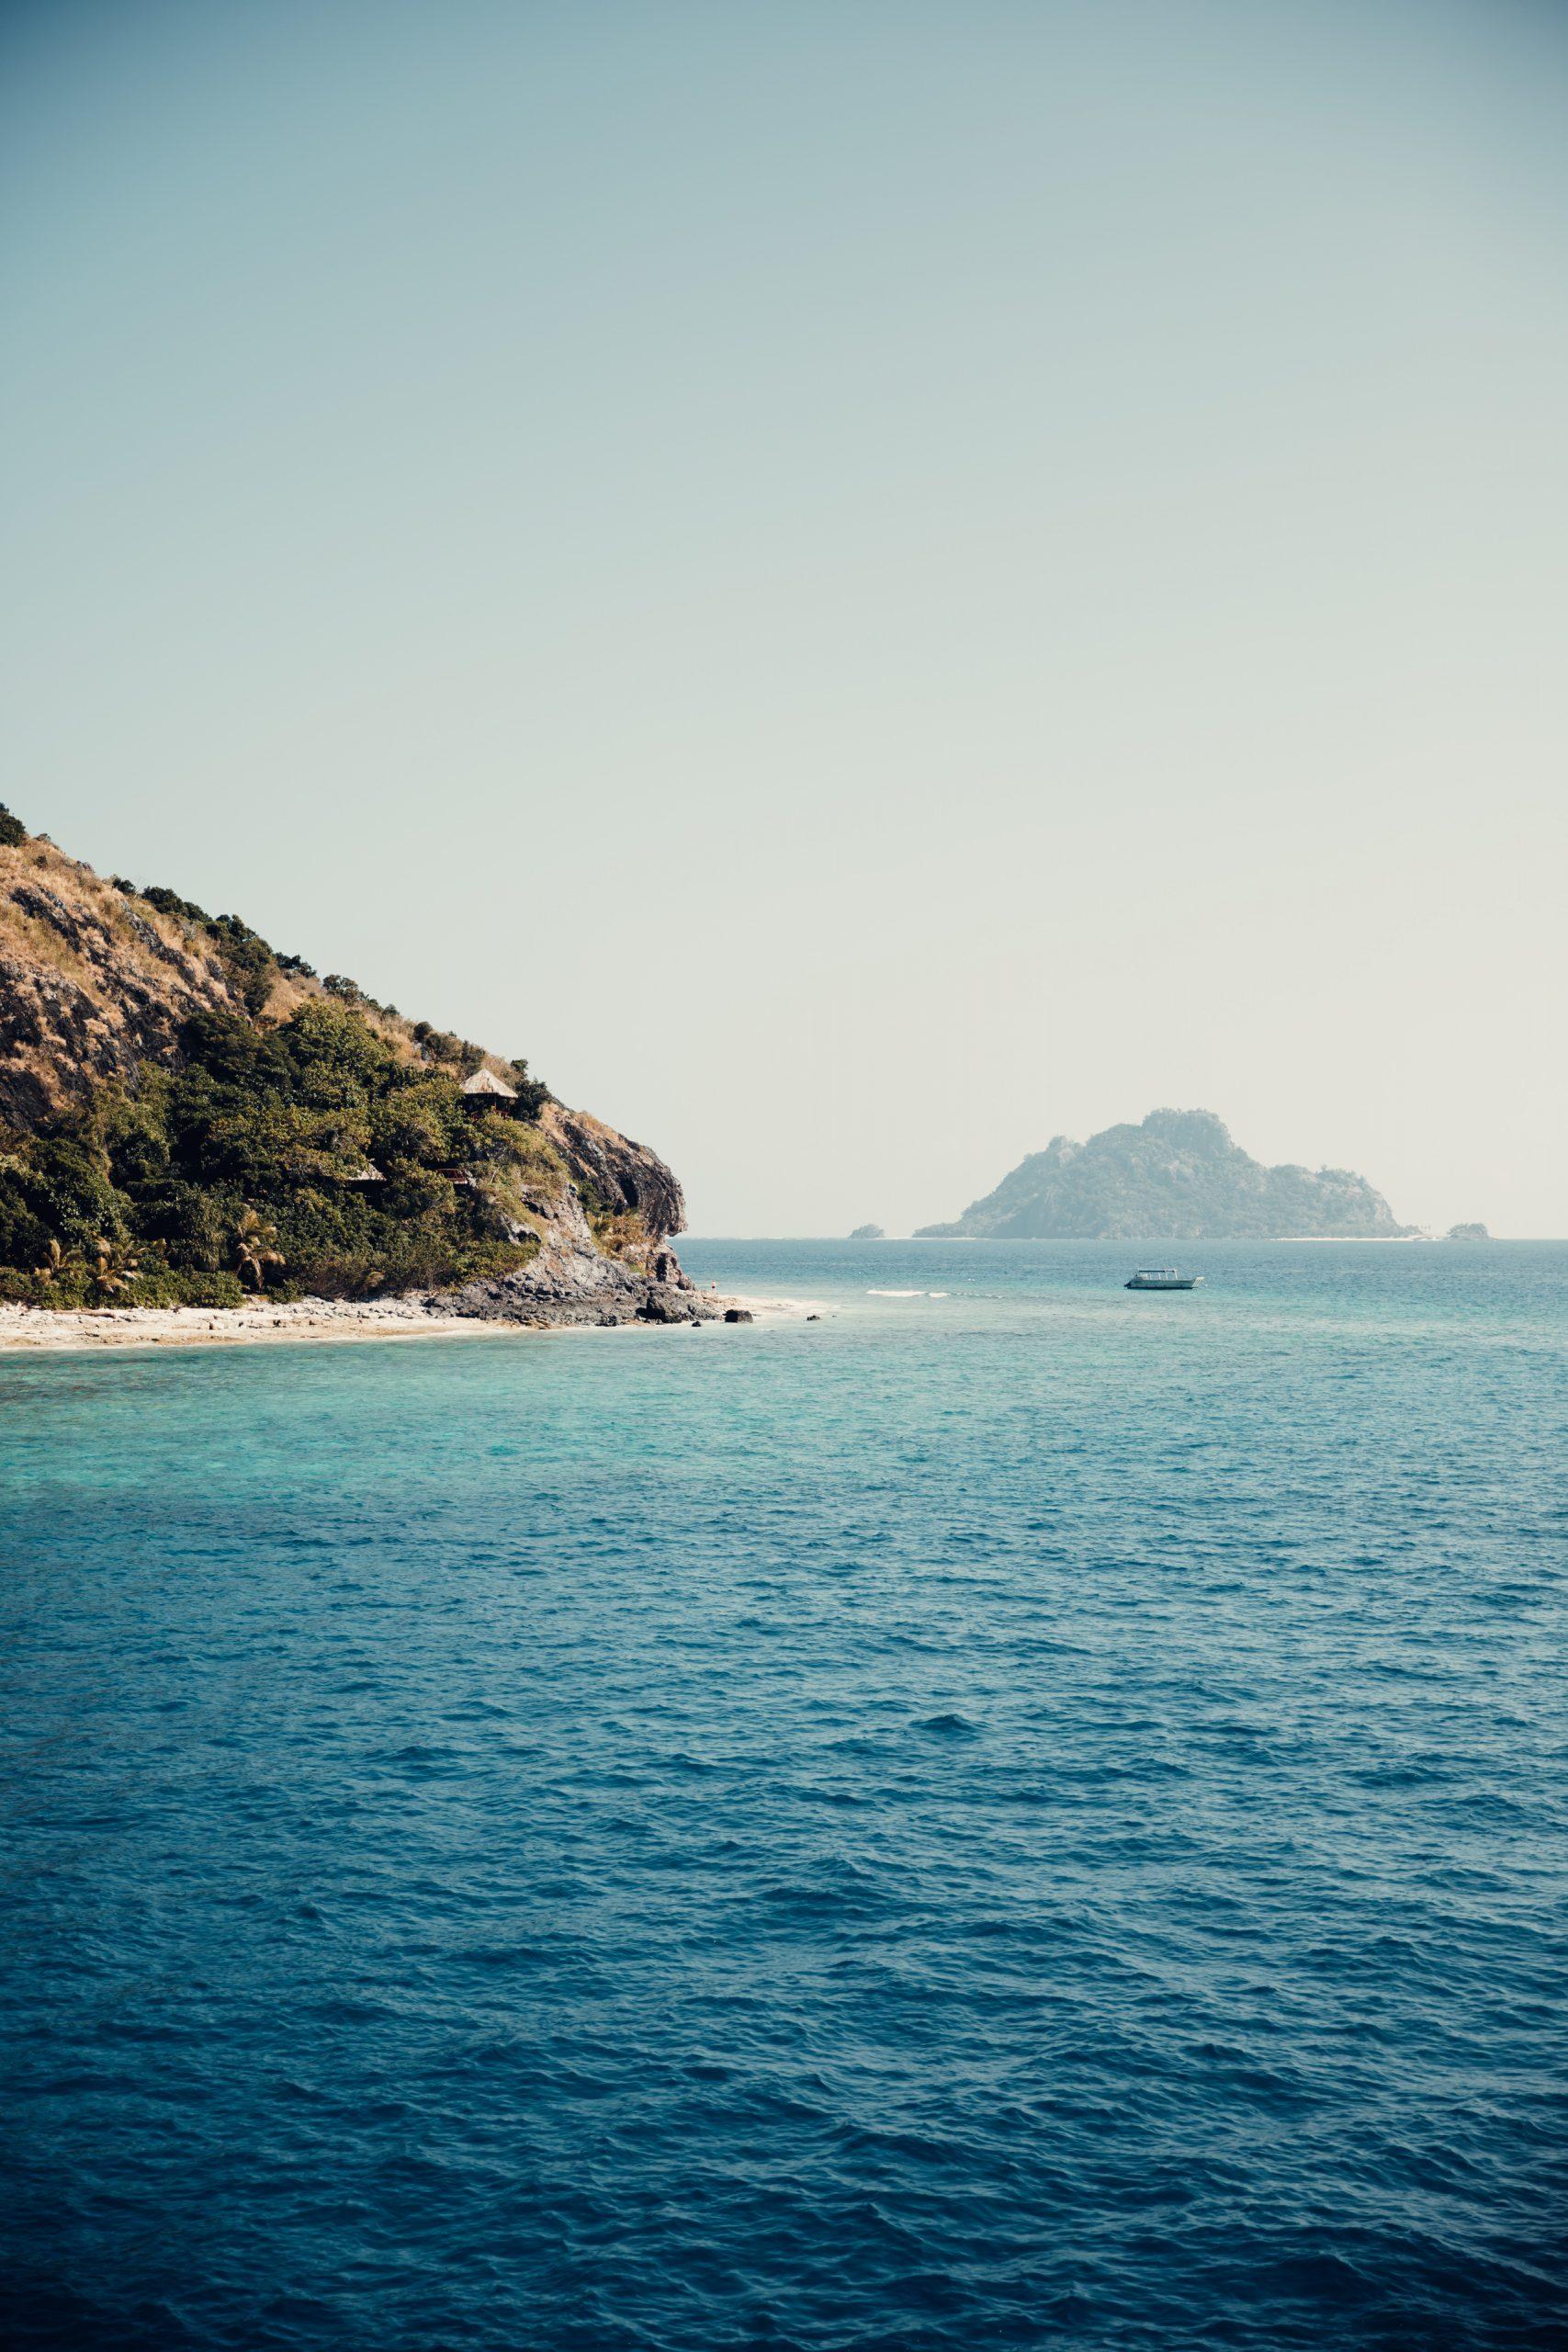 fiji islands, blue ocean water and surrounding reef